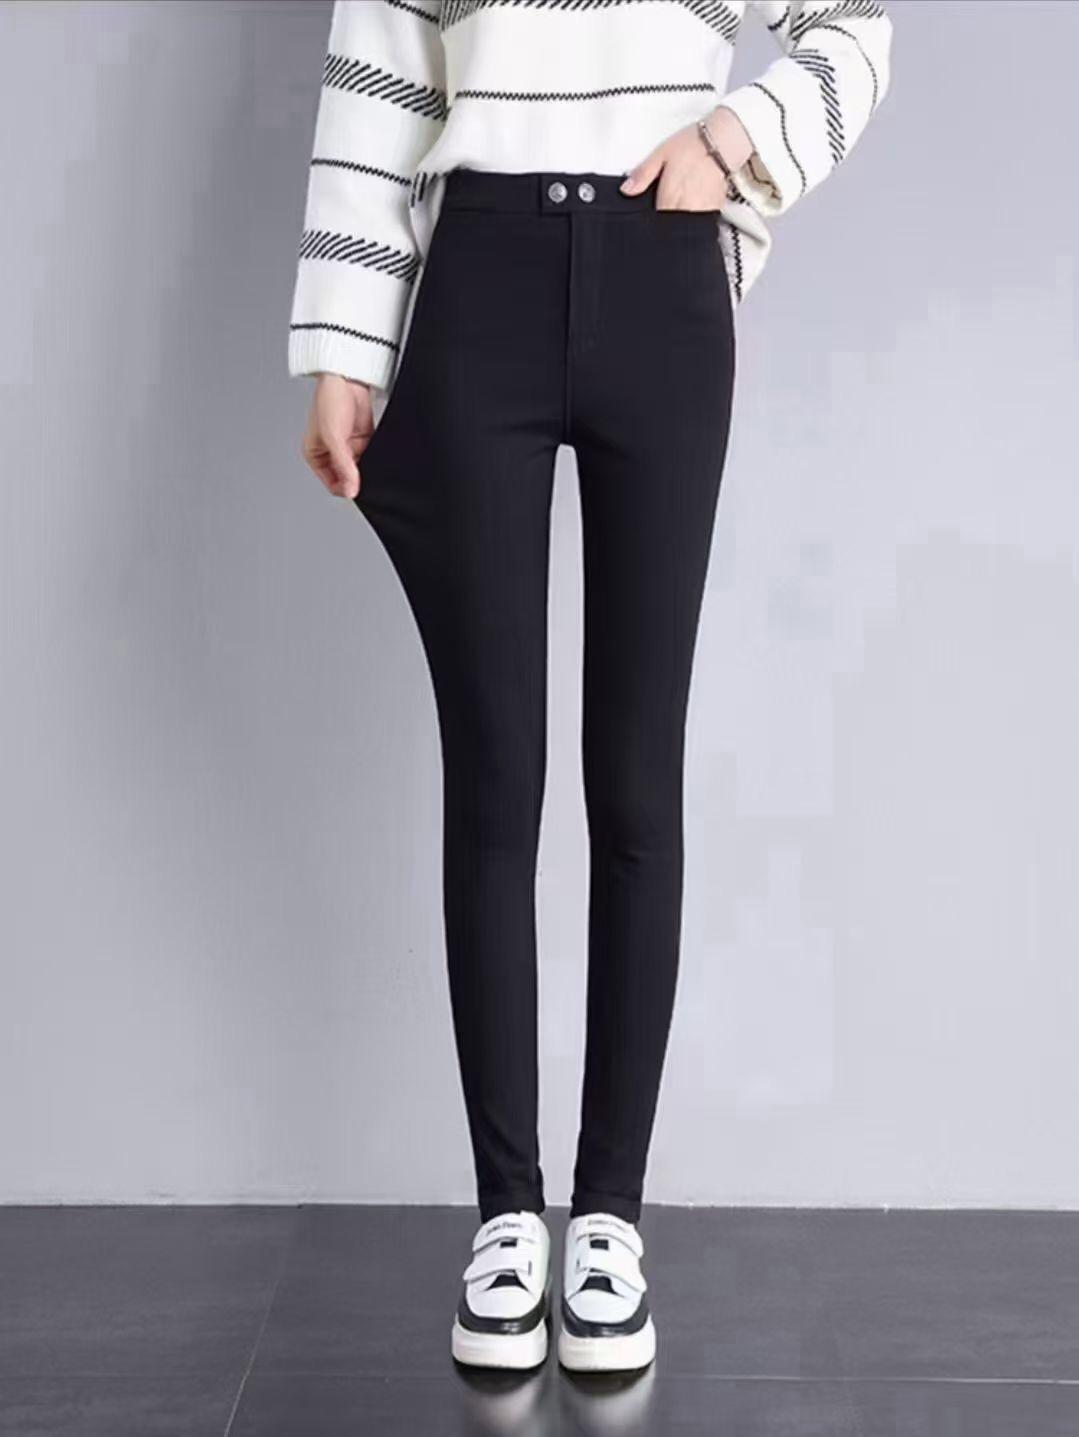 魔术黑色裤双排扣15000条,适合做直播,尺码S2000条 M4000,L4000条 XL5000条,XXL3000条,10.5元清货